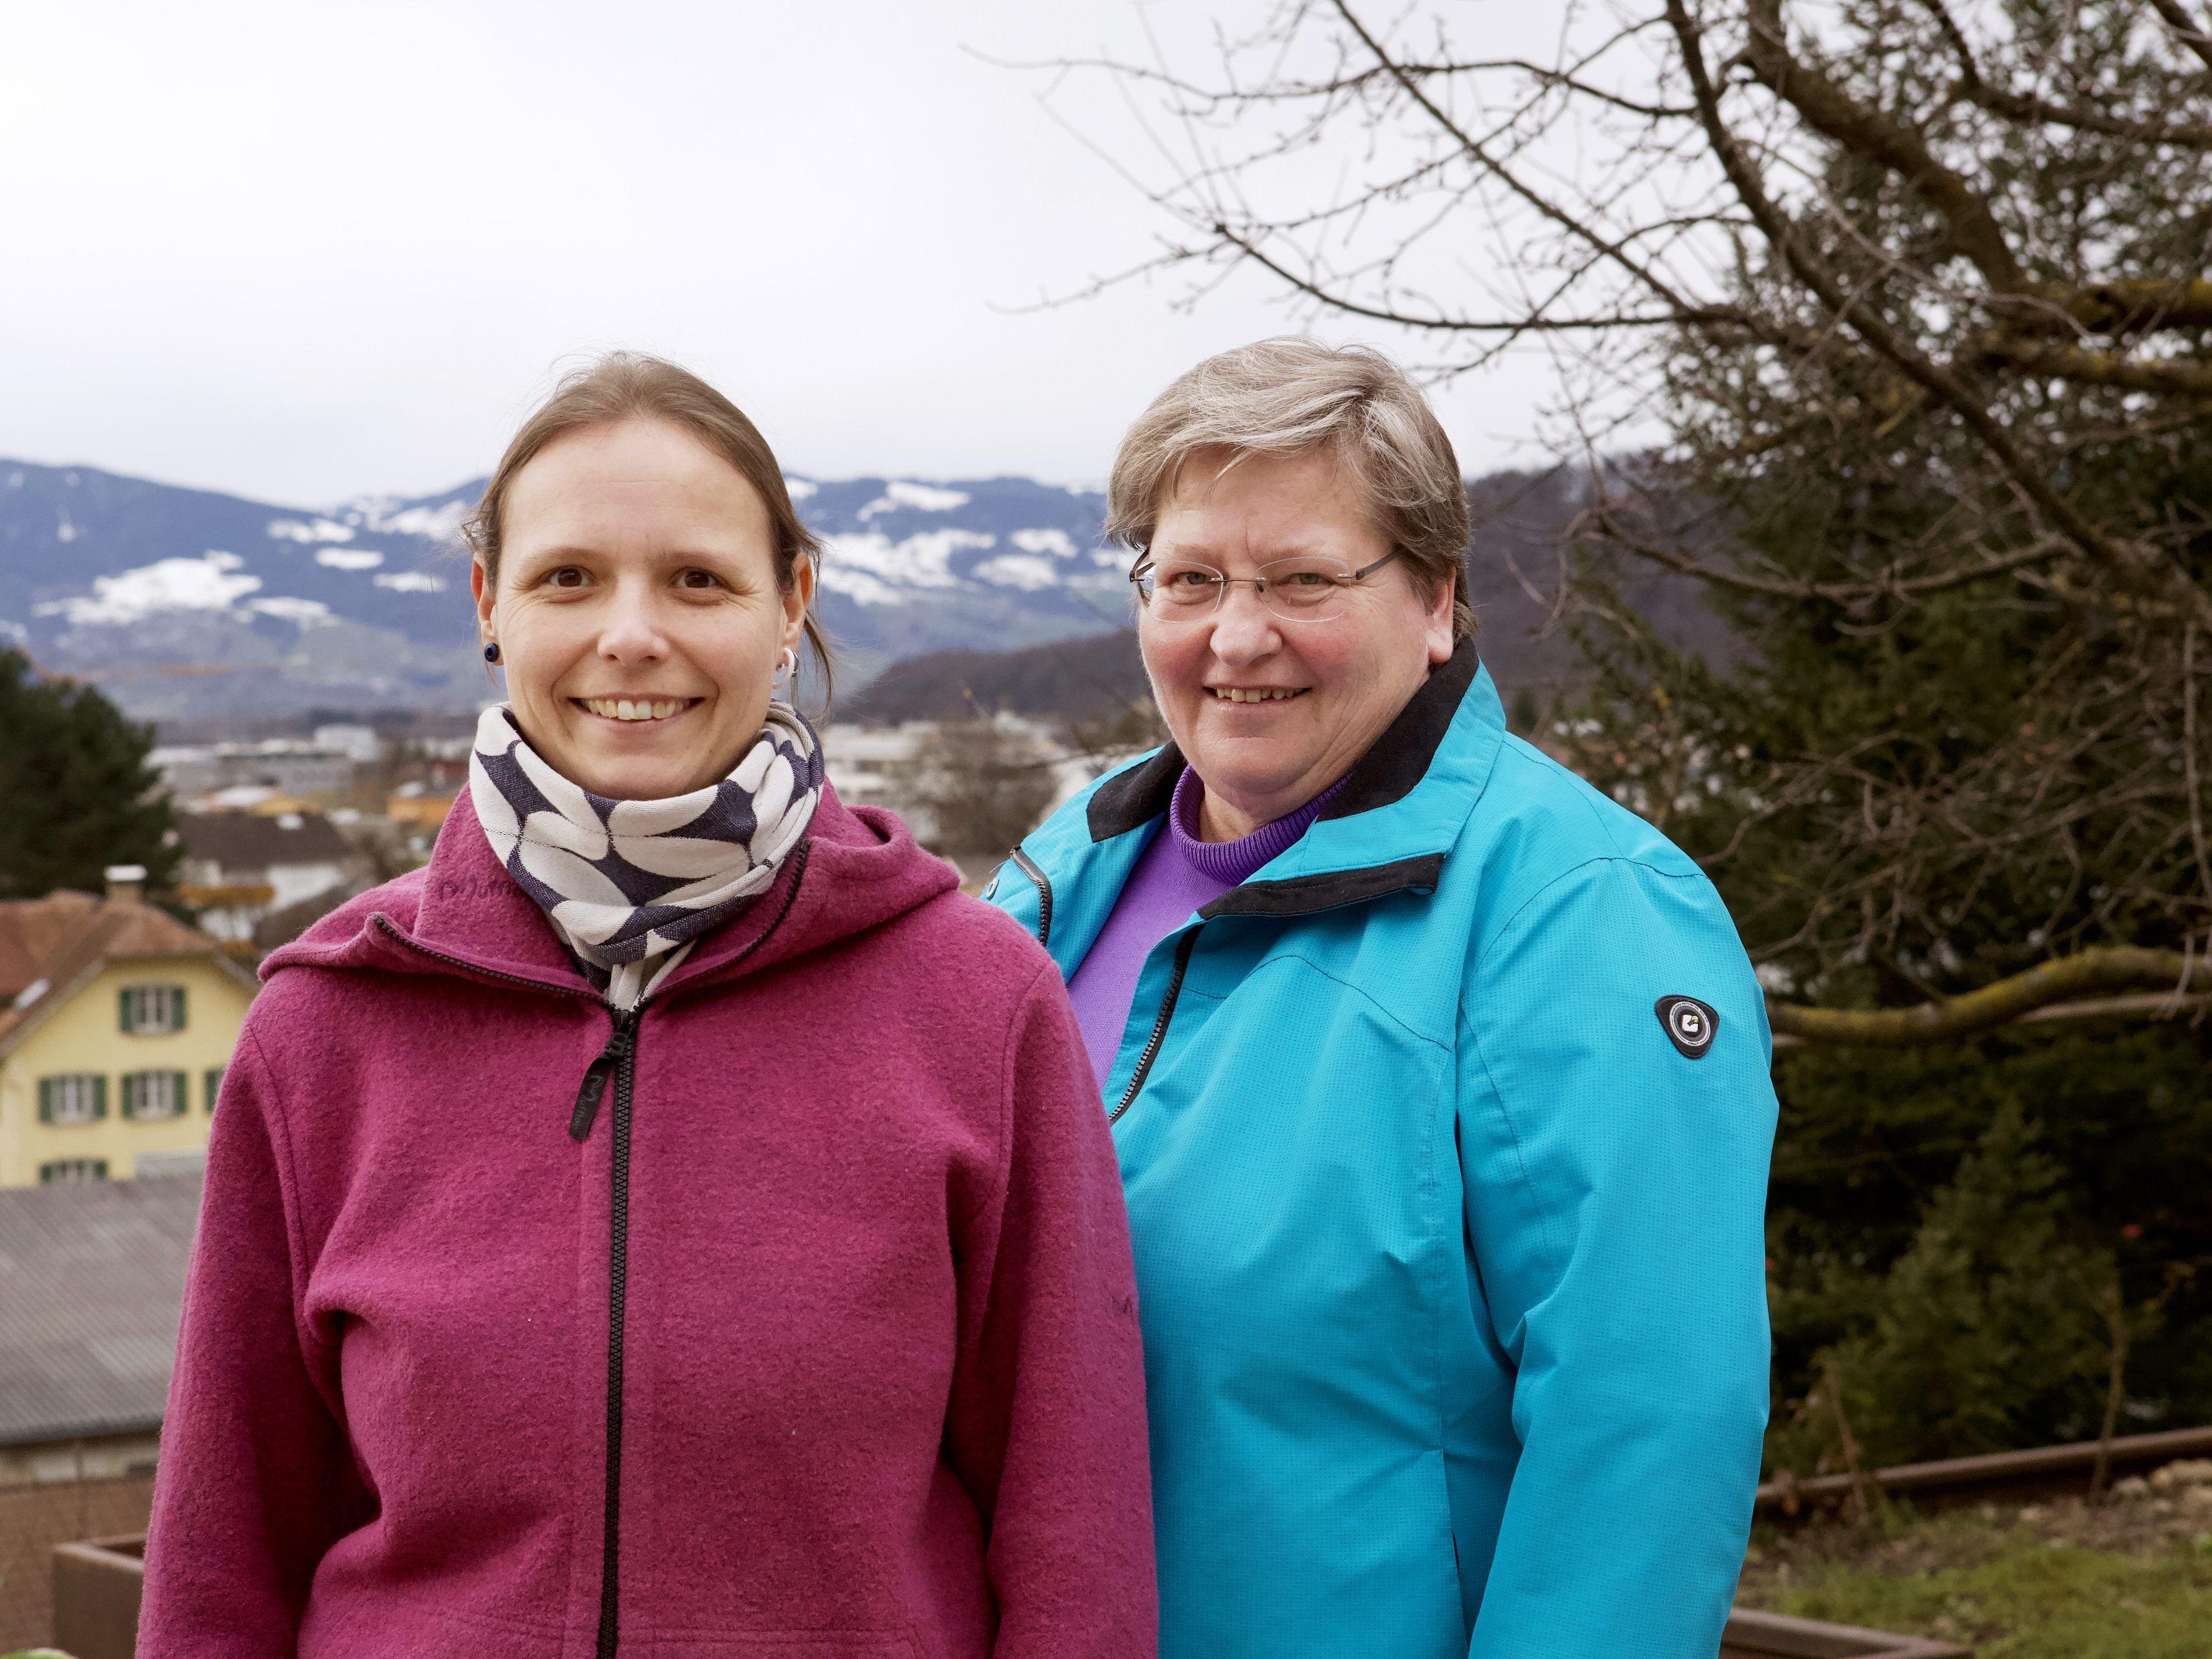 Partnersuche 50+ Weiler-Simmerberg   Frauen & Mnner